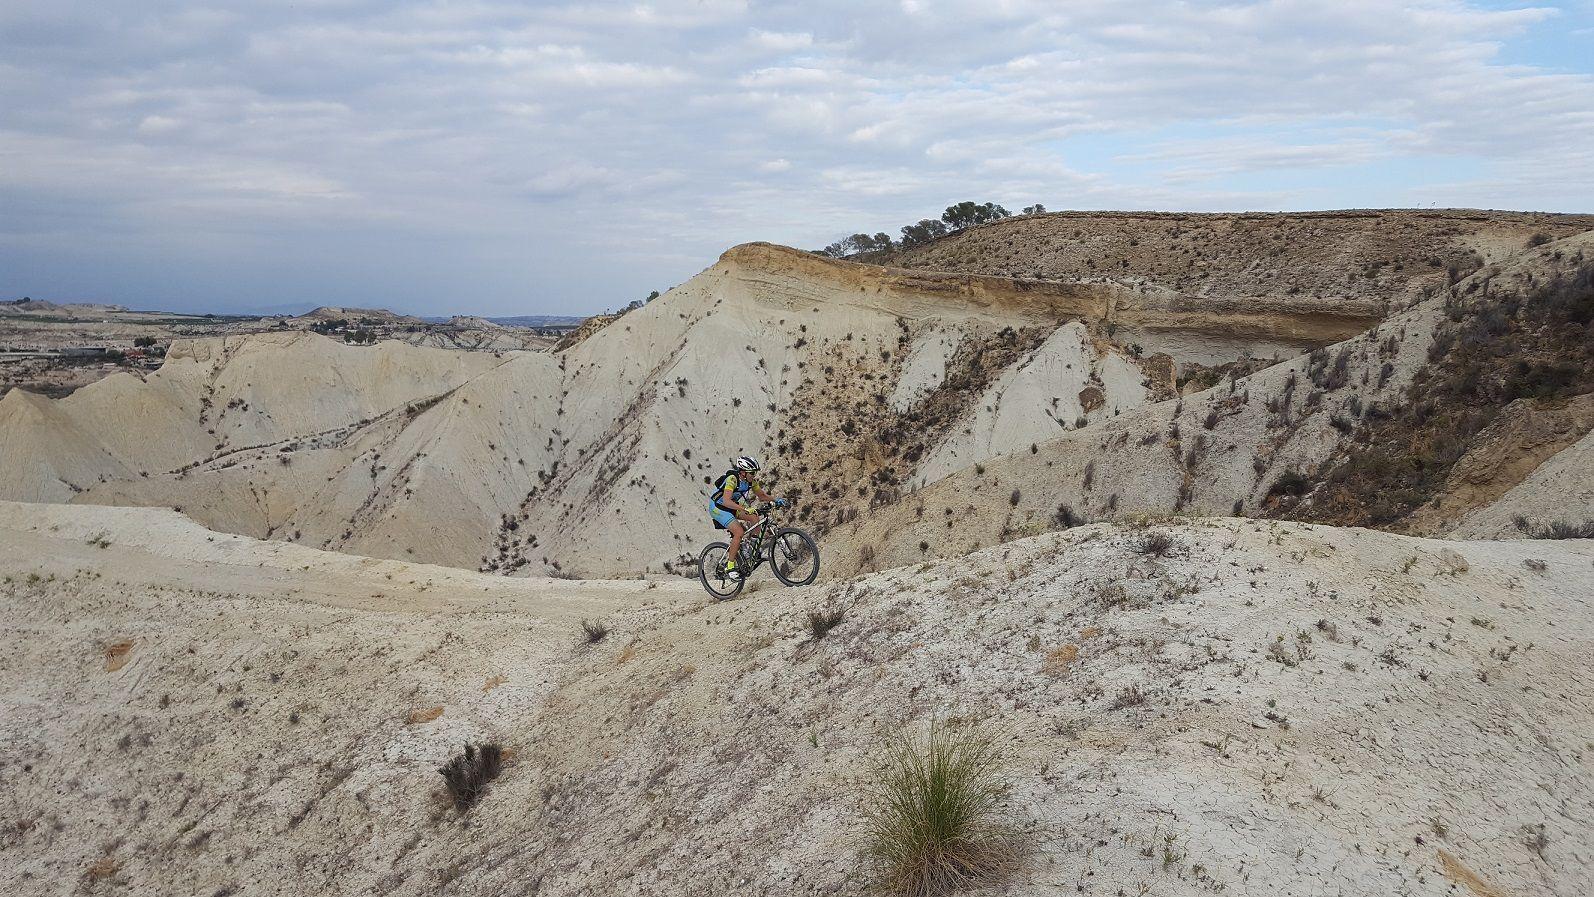 Crónica ruta MTB Molina Vía Verde Alguazas Los Rodeos Humedal Embalse Los Rodeos Descenso por badlands